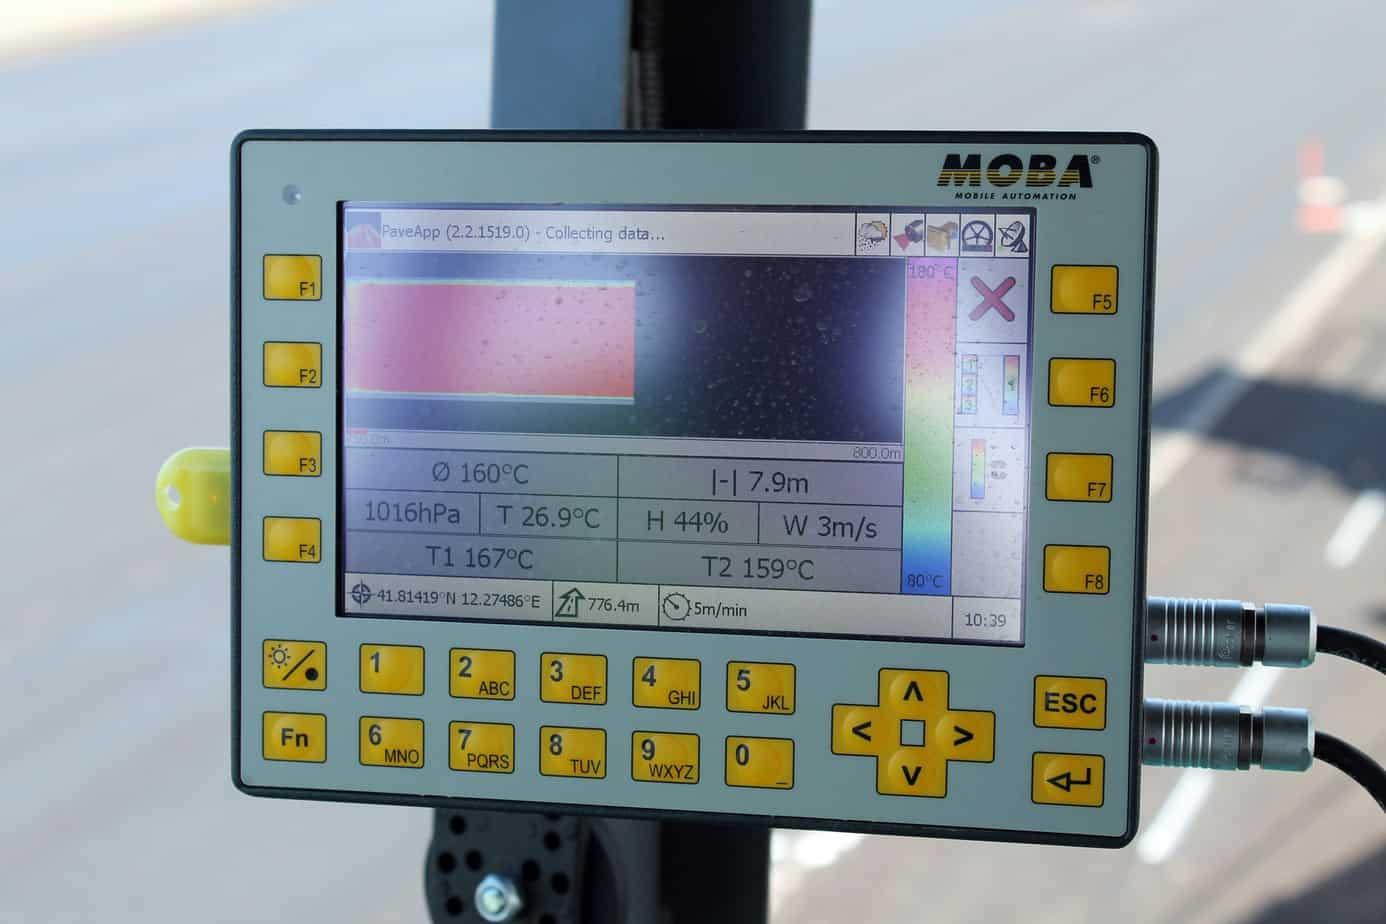 Il sistema di controllo della qualità Pave-IR Scan permette di documentare le temperature dell'asfalto durante la pavimentazione